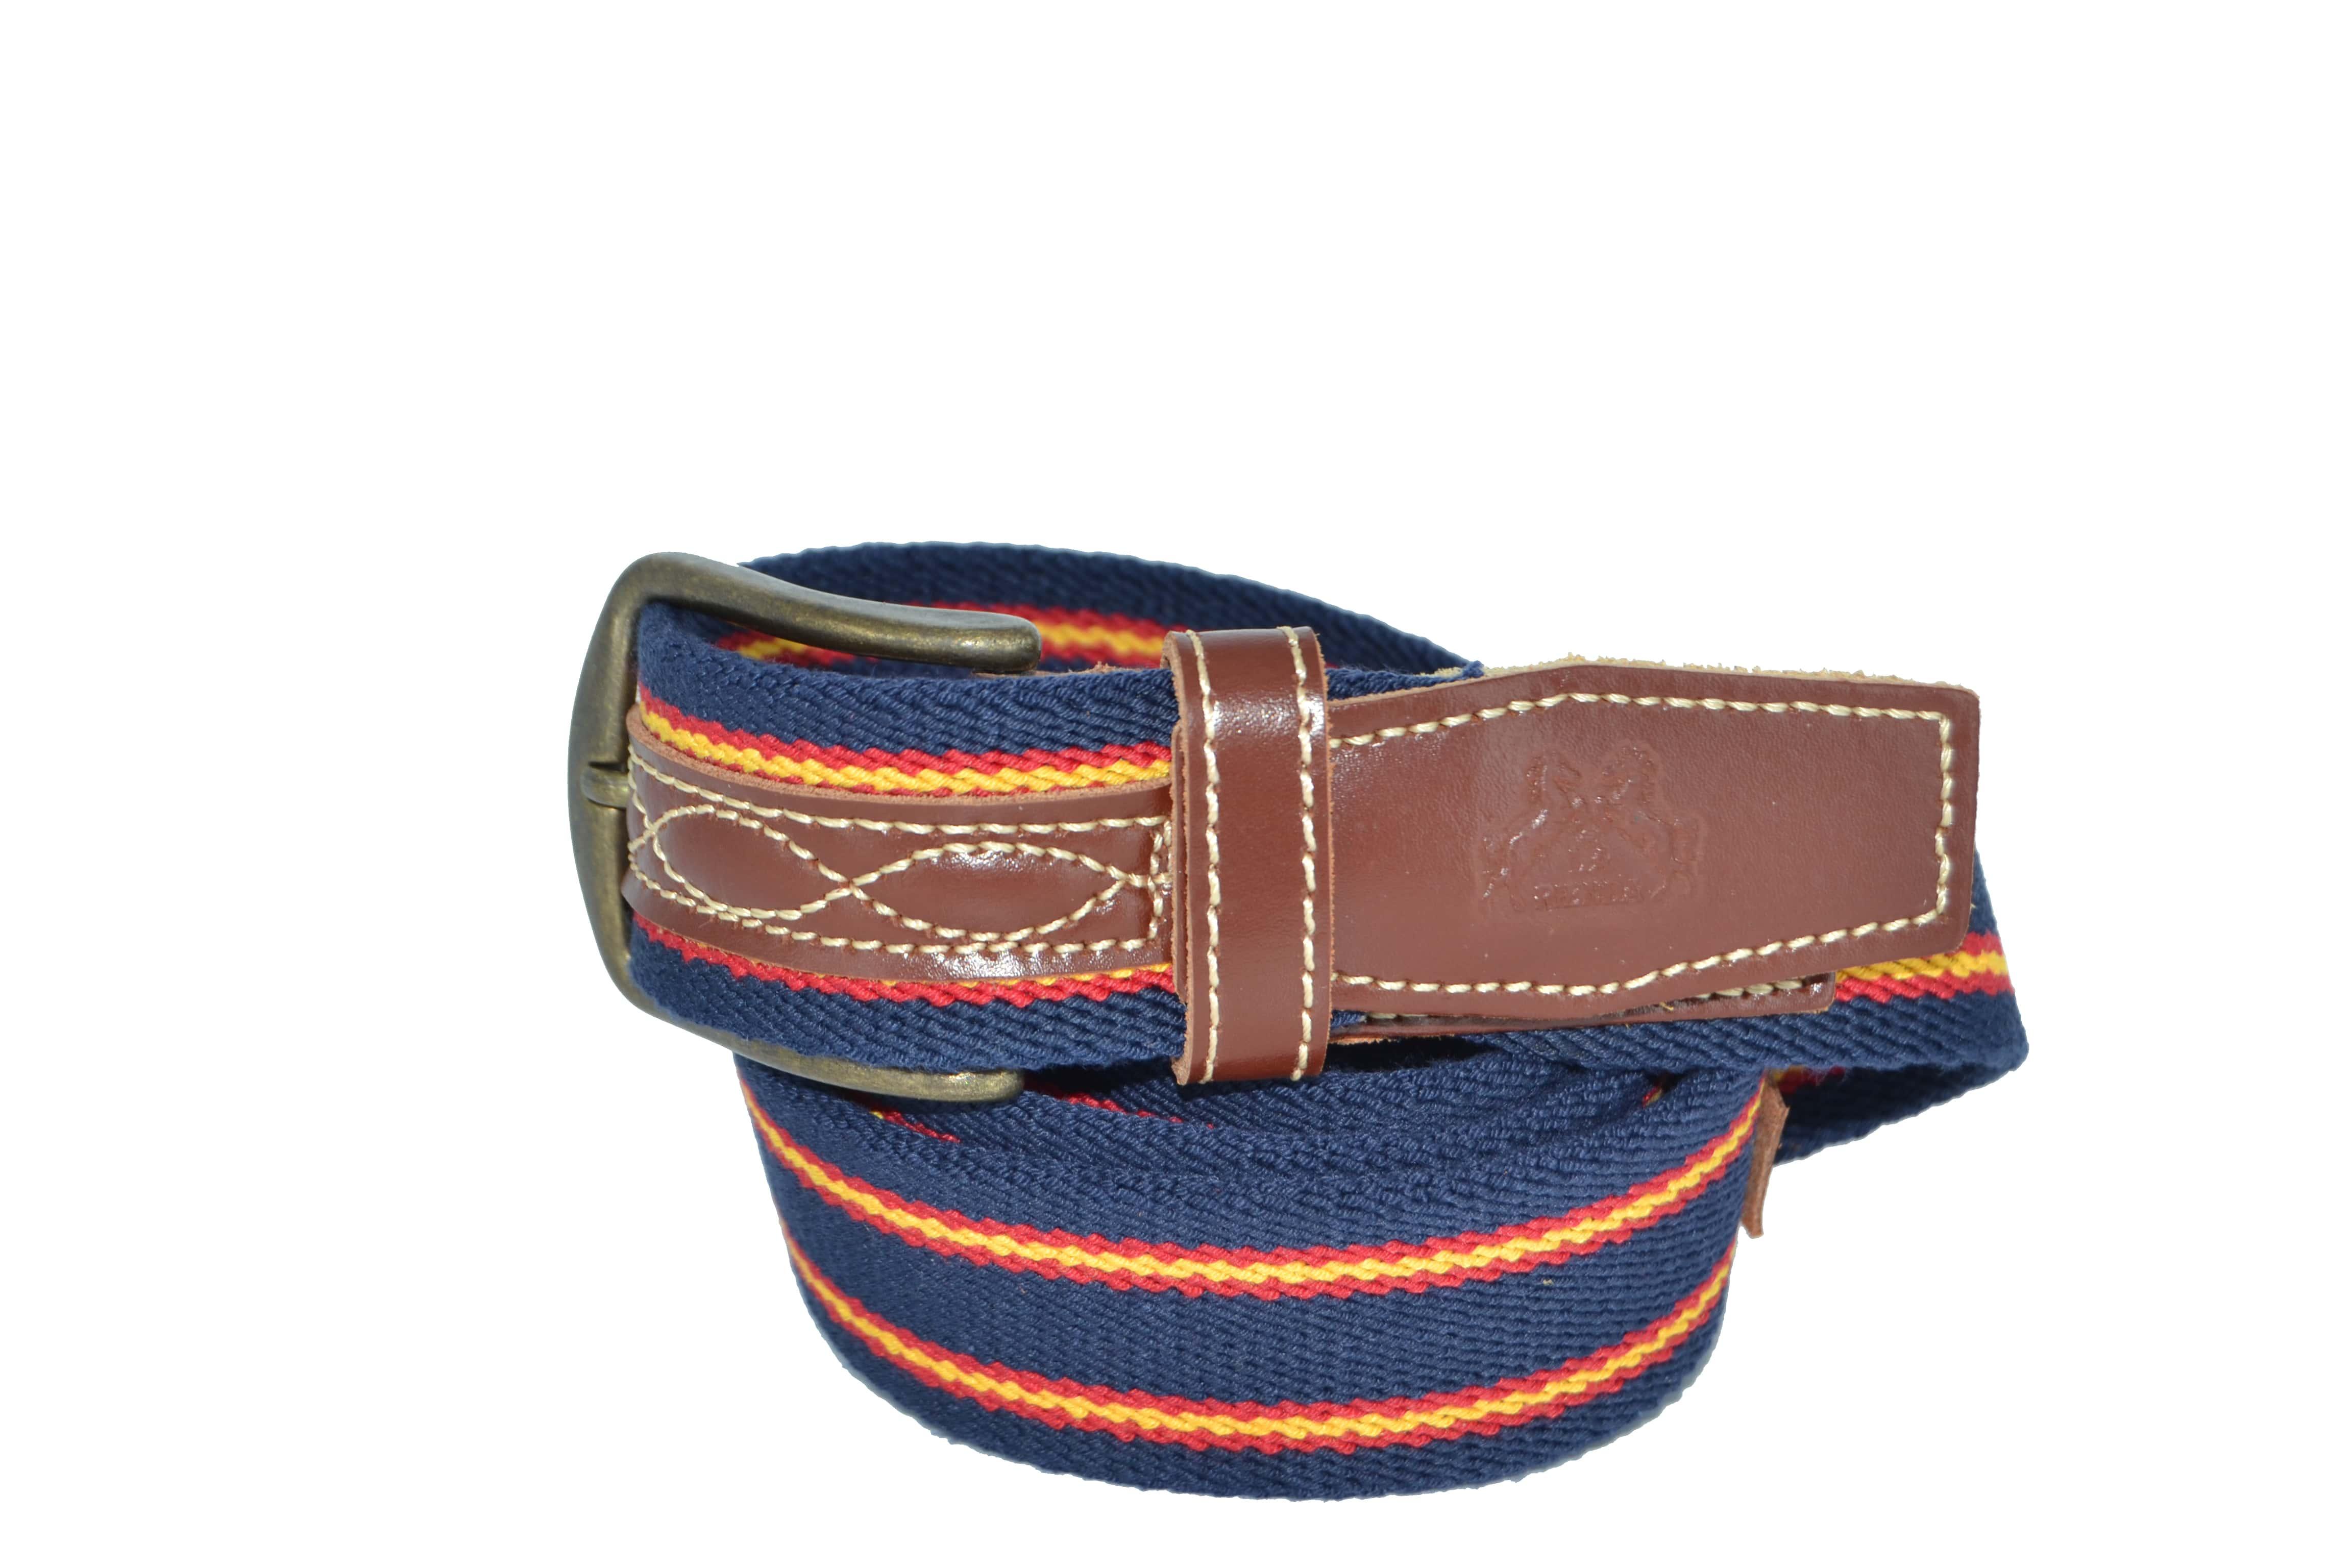 cinturon elastico y piel con bandera de españa